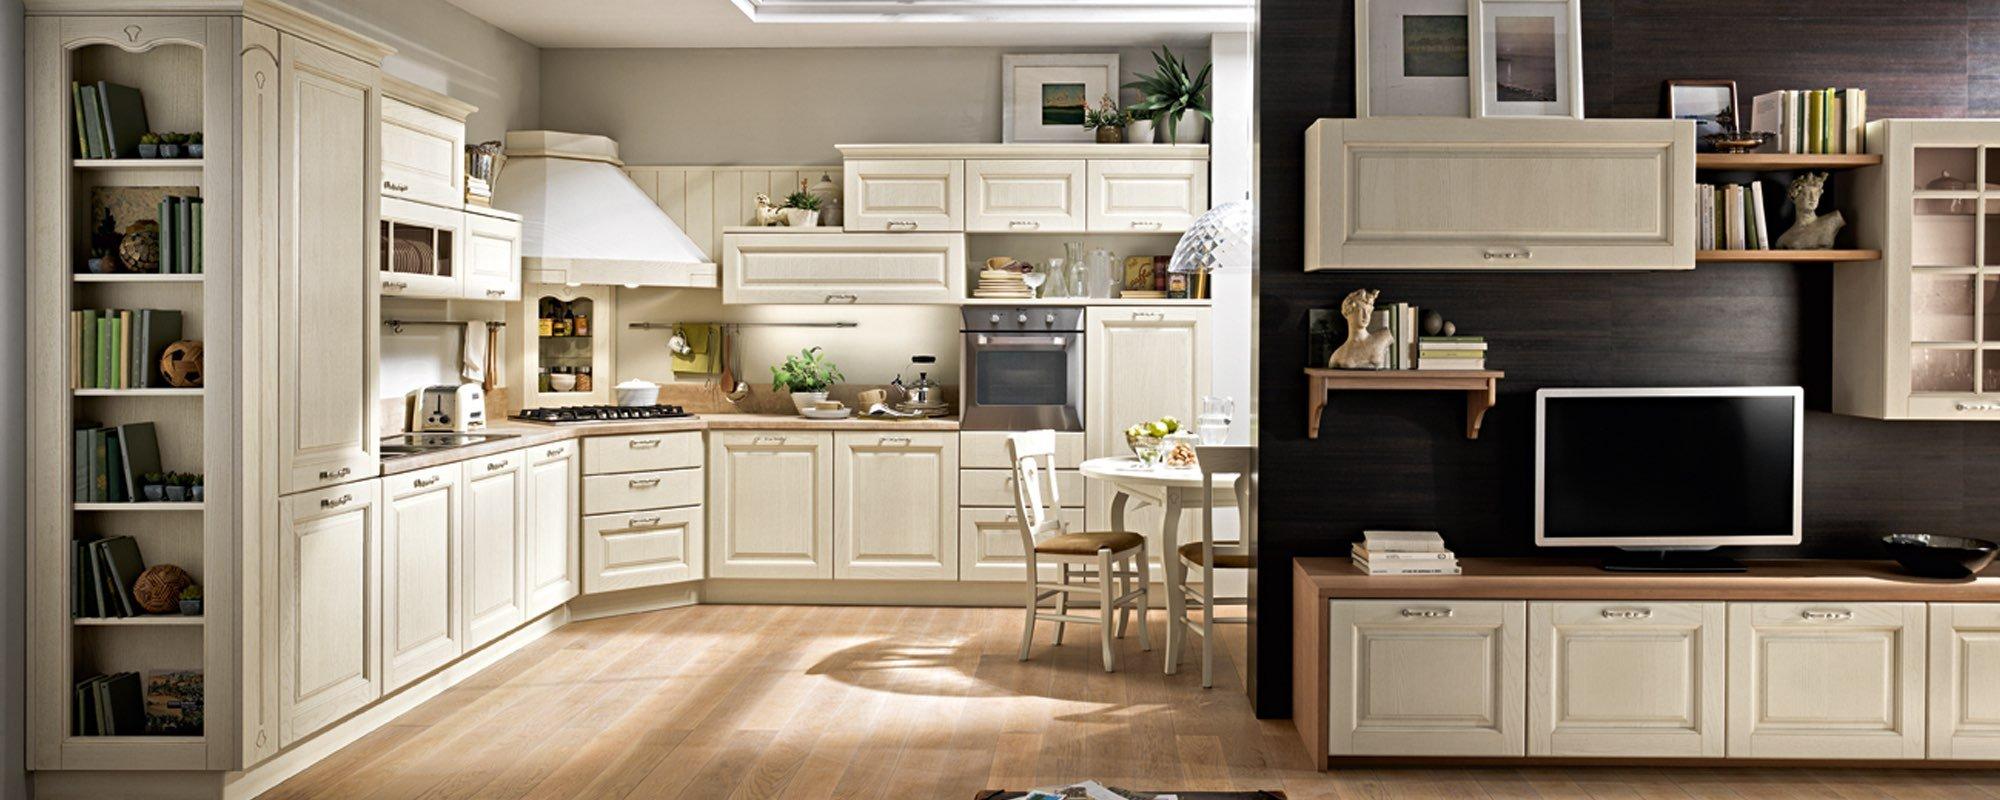 vista frontale di una cucina stosa classica con televisione su un bancone e arredamenti -Bolgheri